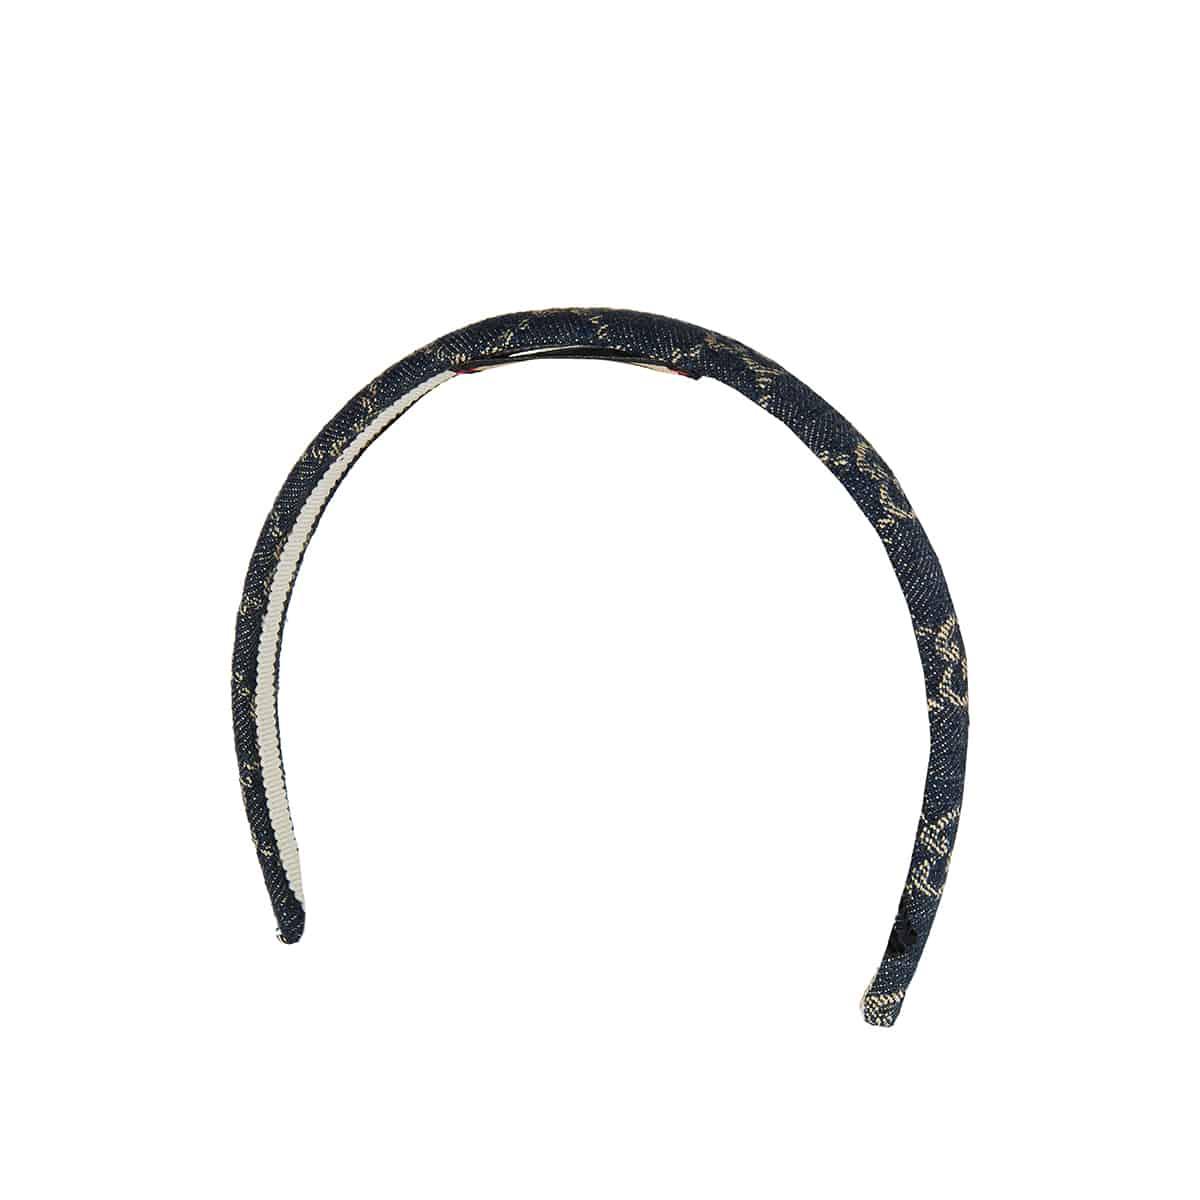 GG jacquard denim hair band